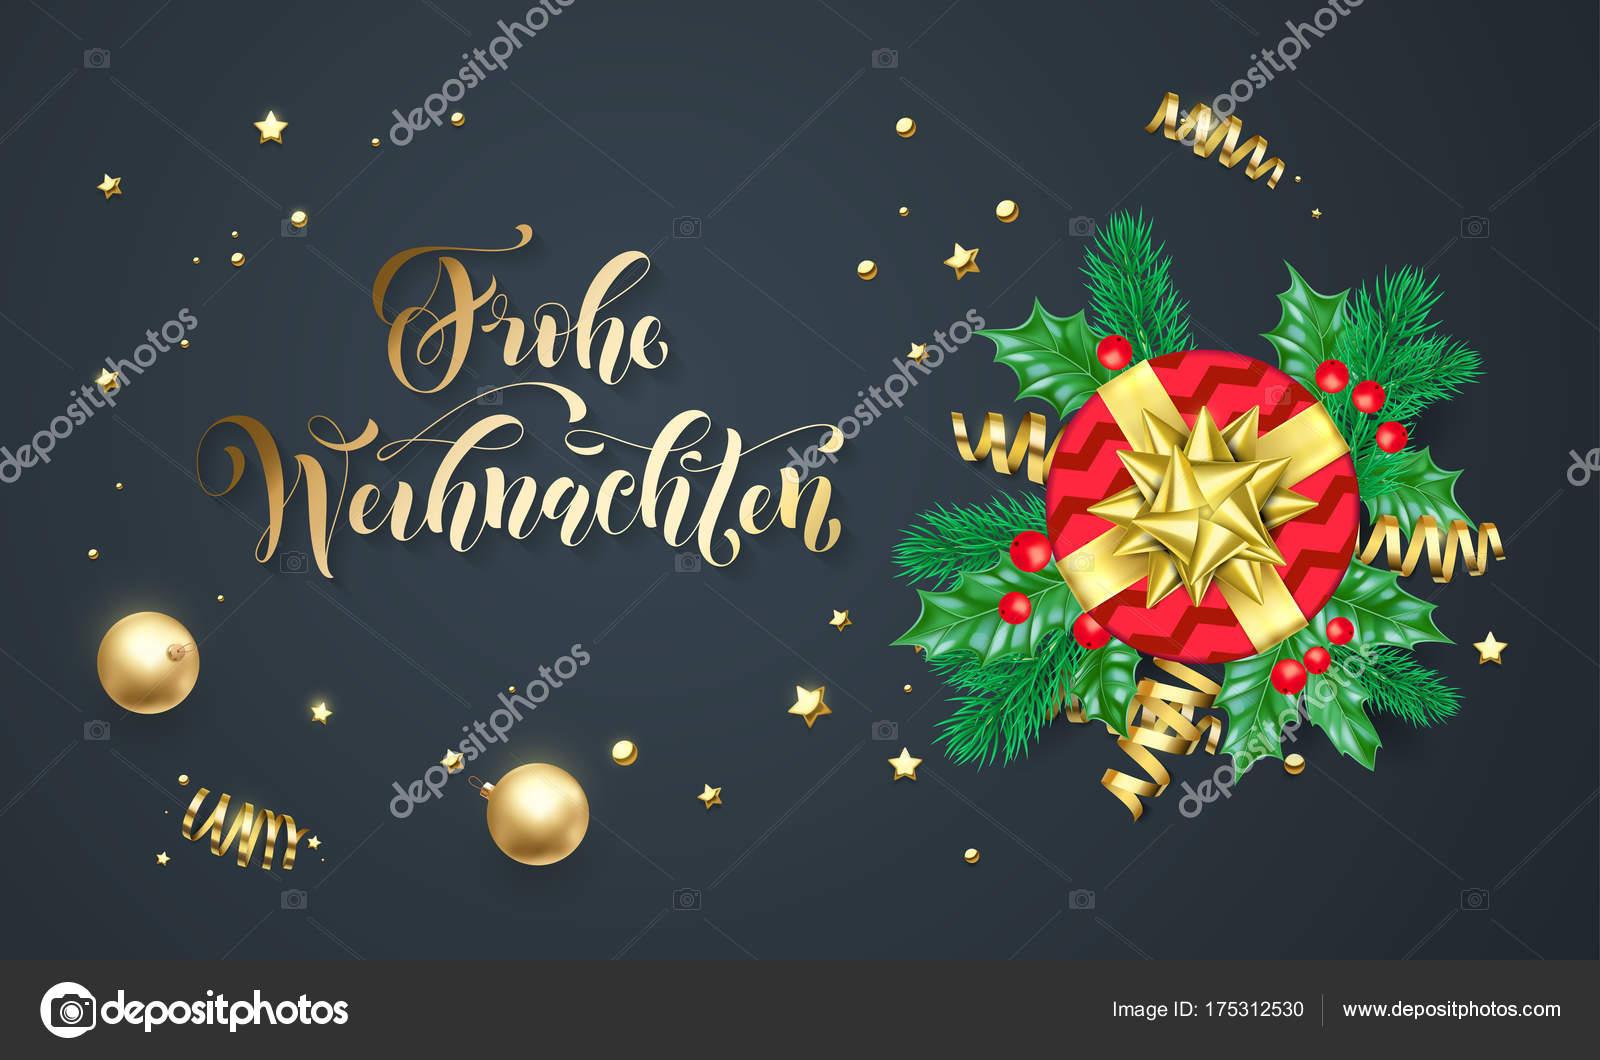 Merry Christmas In German.Frohe Weihnachten German Merry Christmas Golden Calligraphy